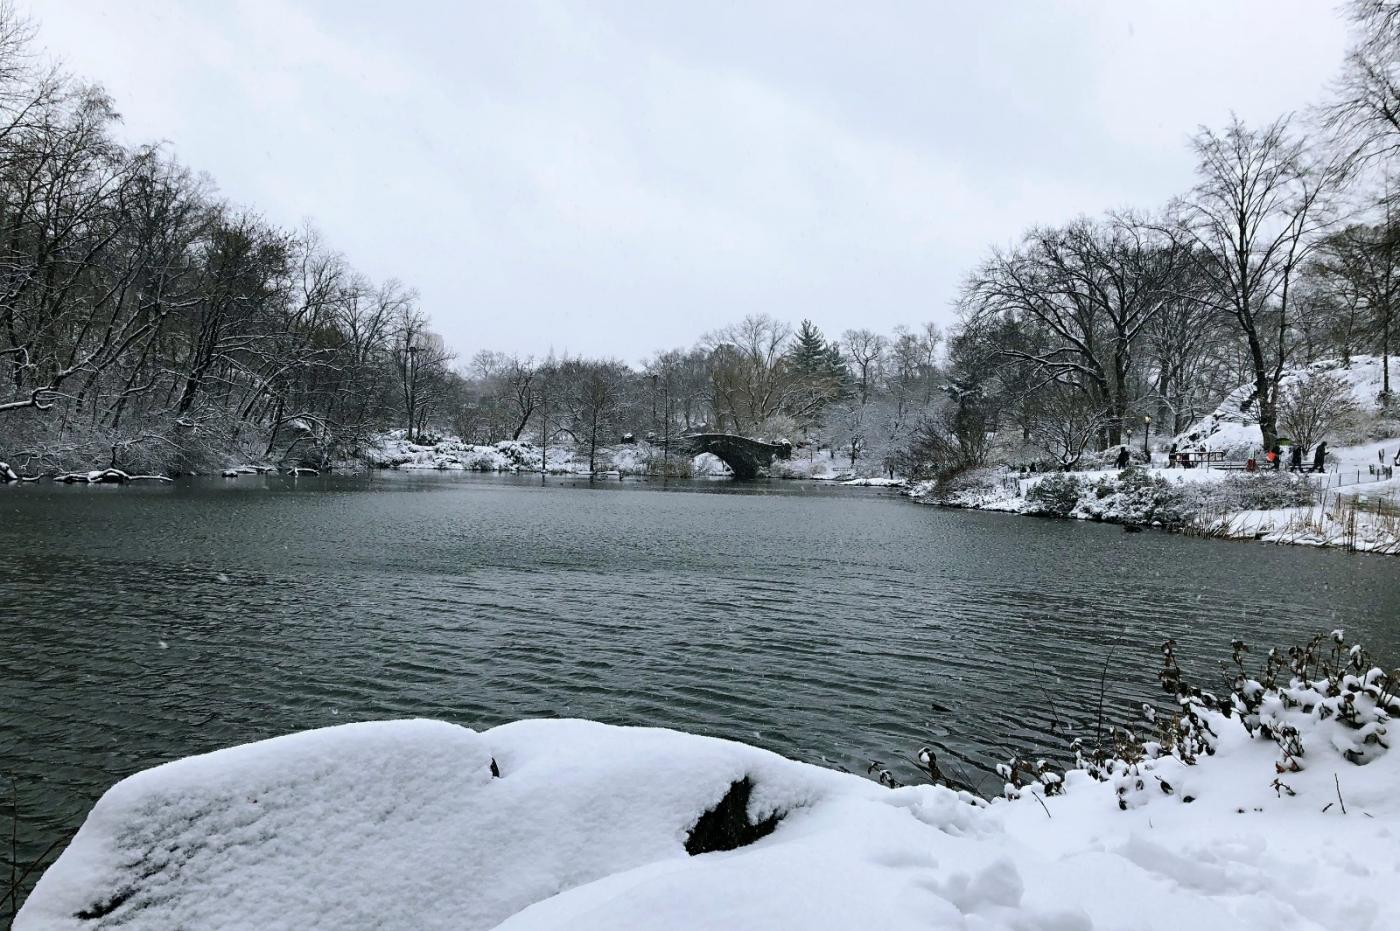 【田螺手机摄影】纽约雪景、还是中央公园最漂亮[二]_图1-4